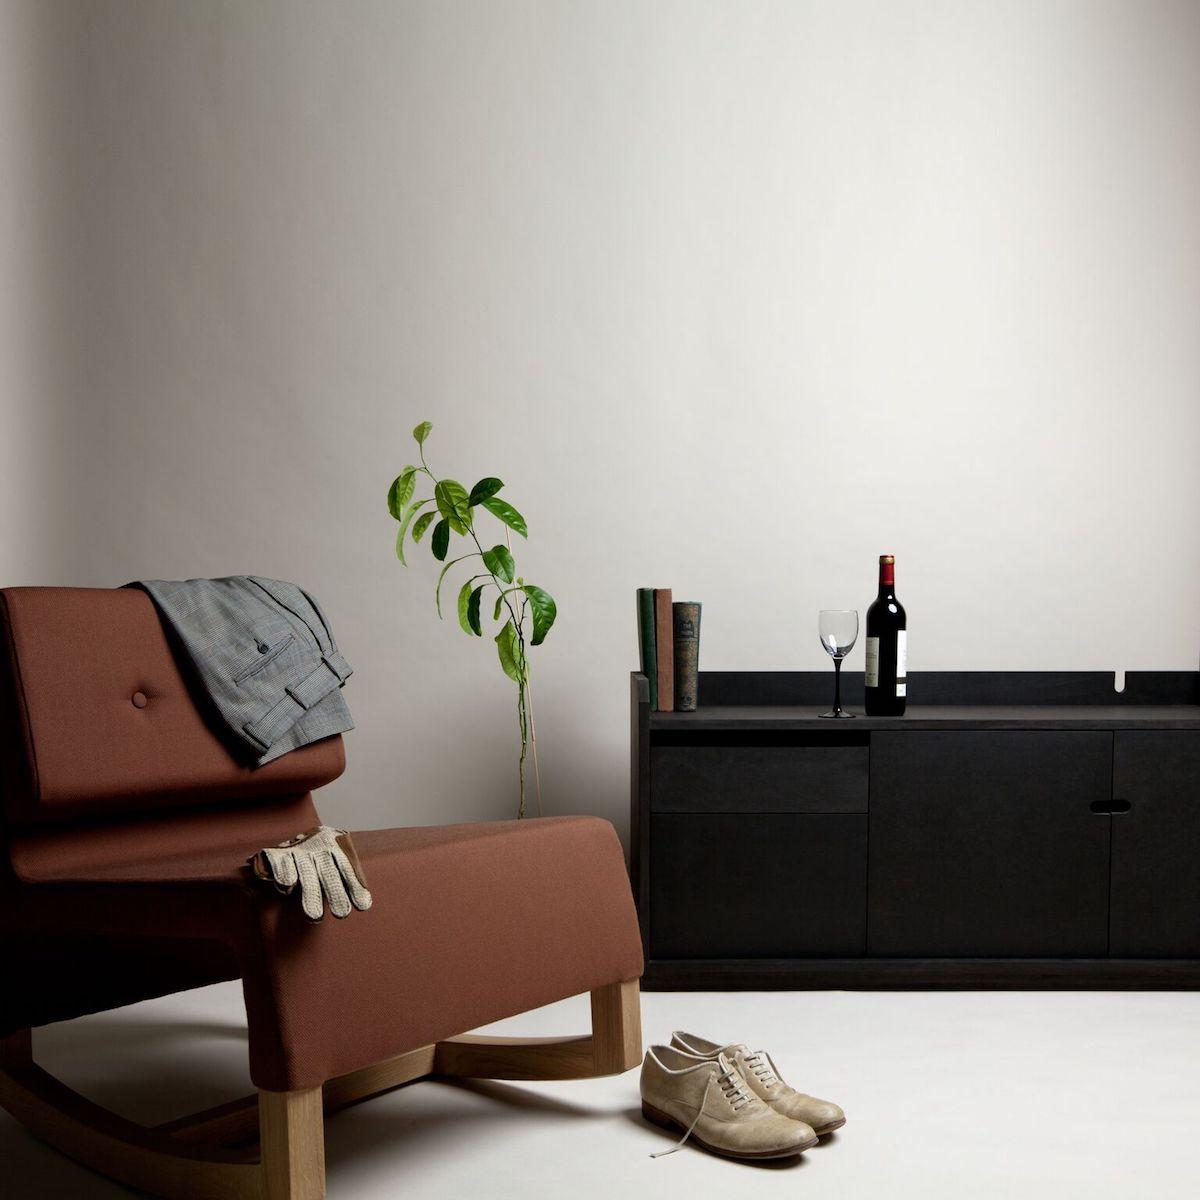 designermöbel möbeldesign luxusmöbel möbelhersteller möbelmarke inneneinrichtung